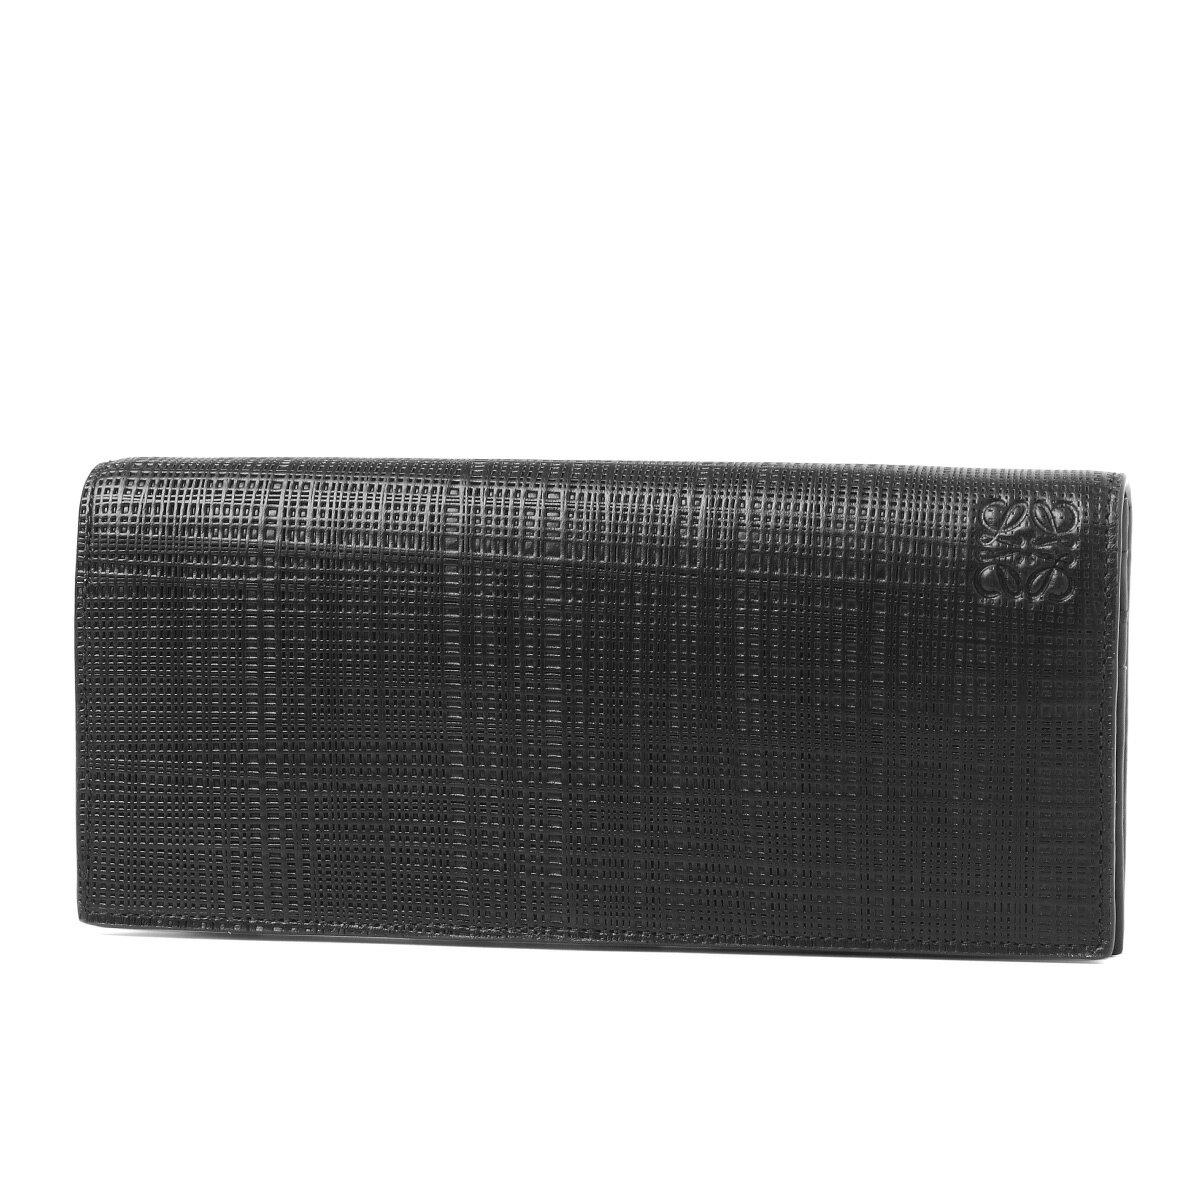 ロエベ LOEWE 財布 メンズ 101 88 978 1930 1100 二つ折り長財布 BLACK ブラック